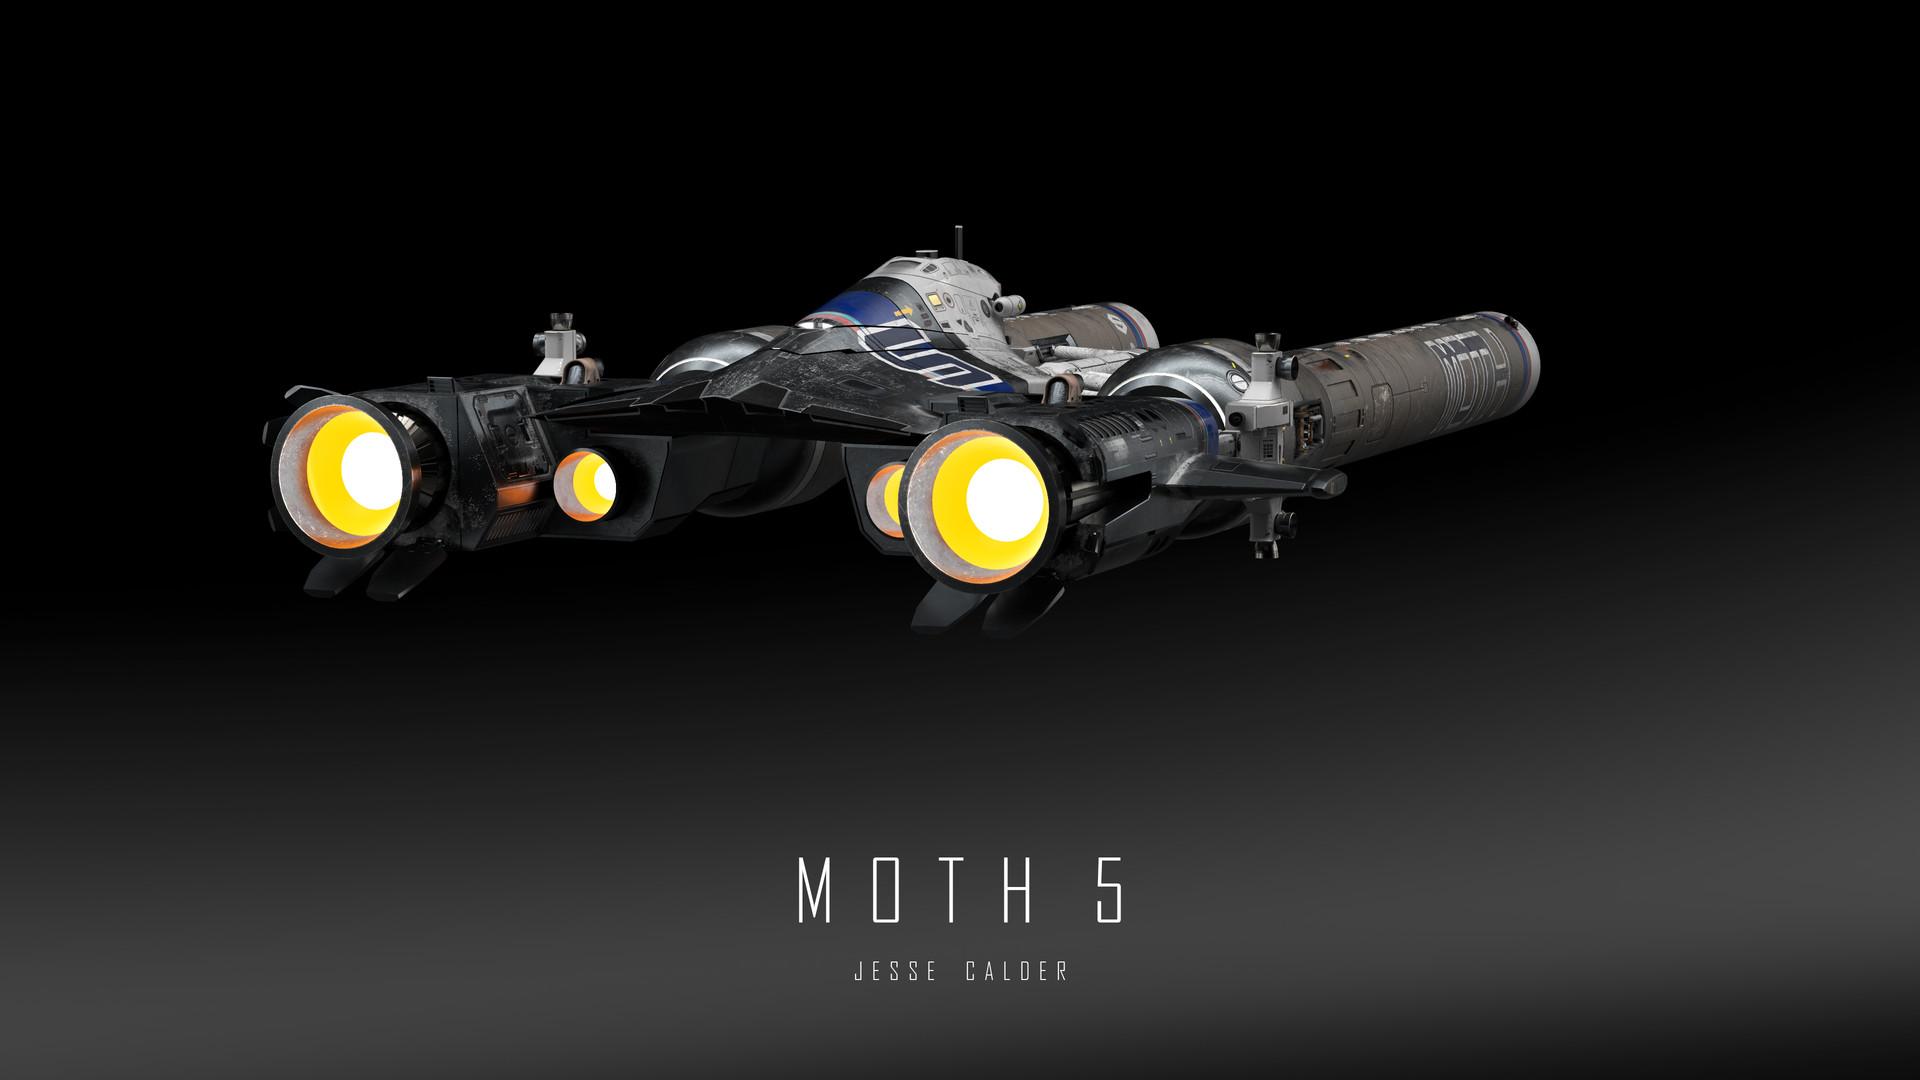 Jesse calder moth render 054 titled